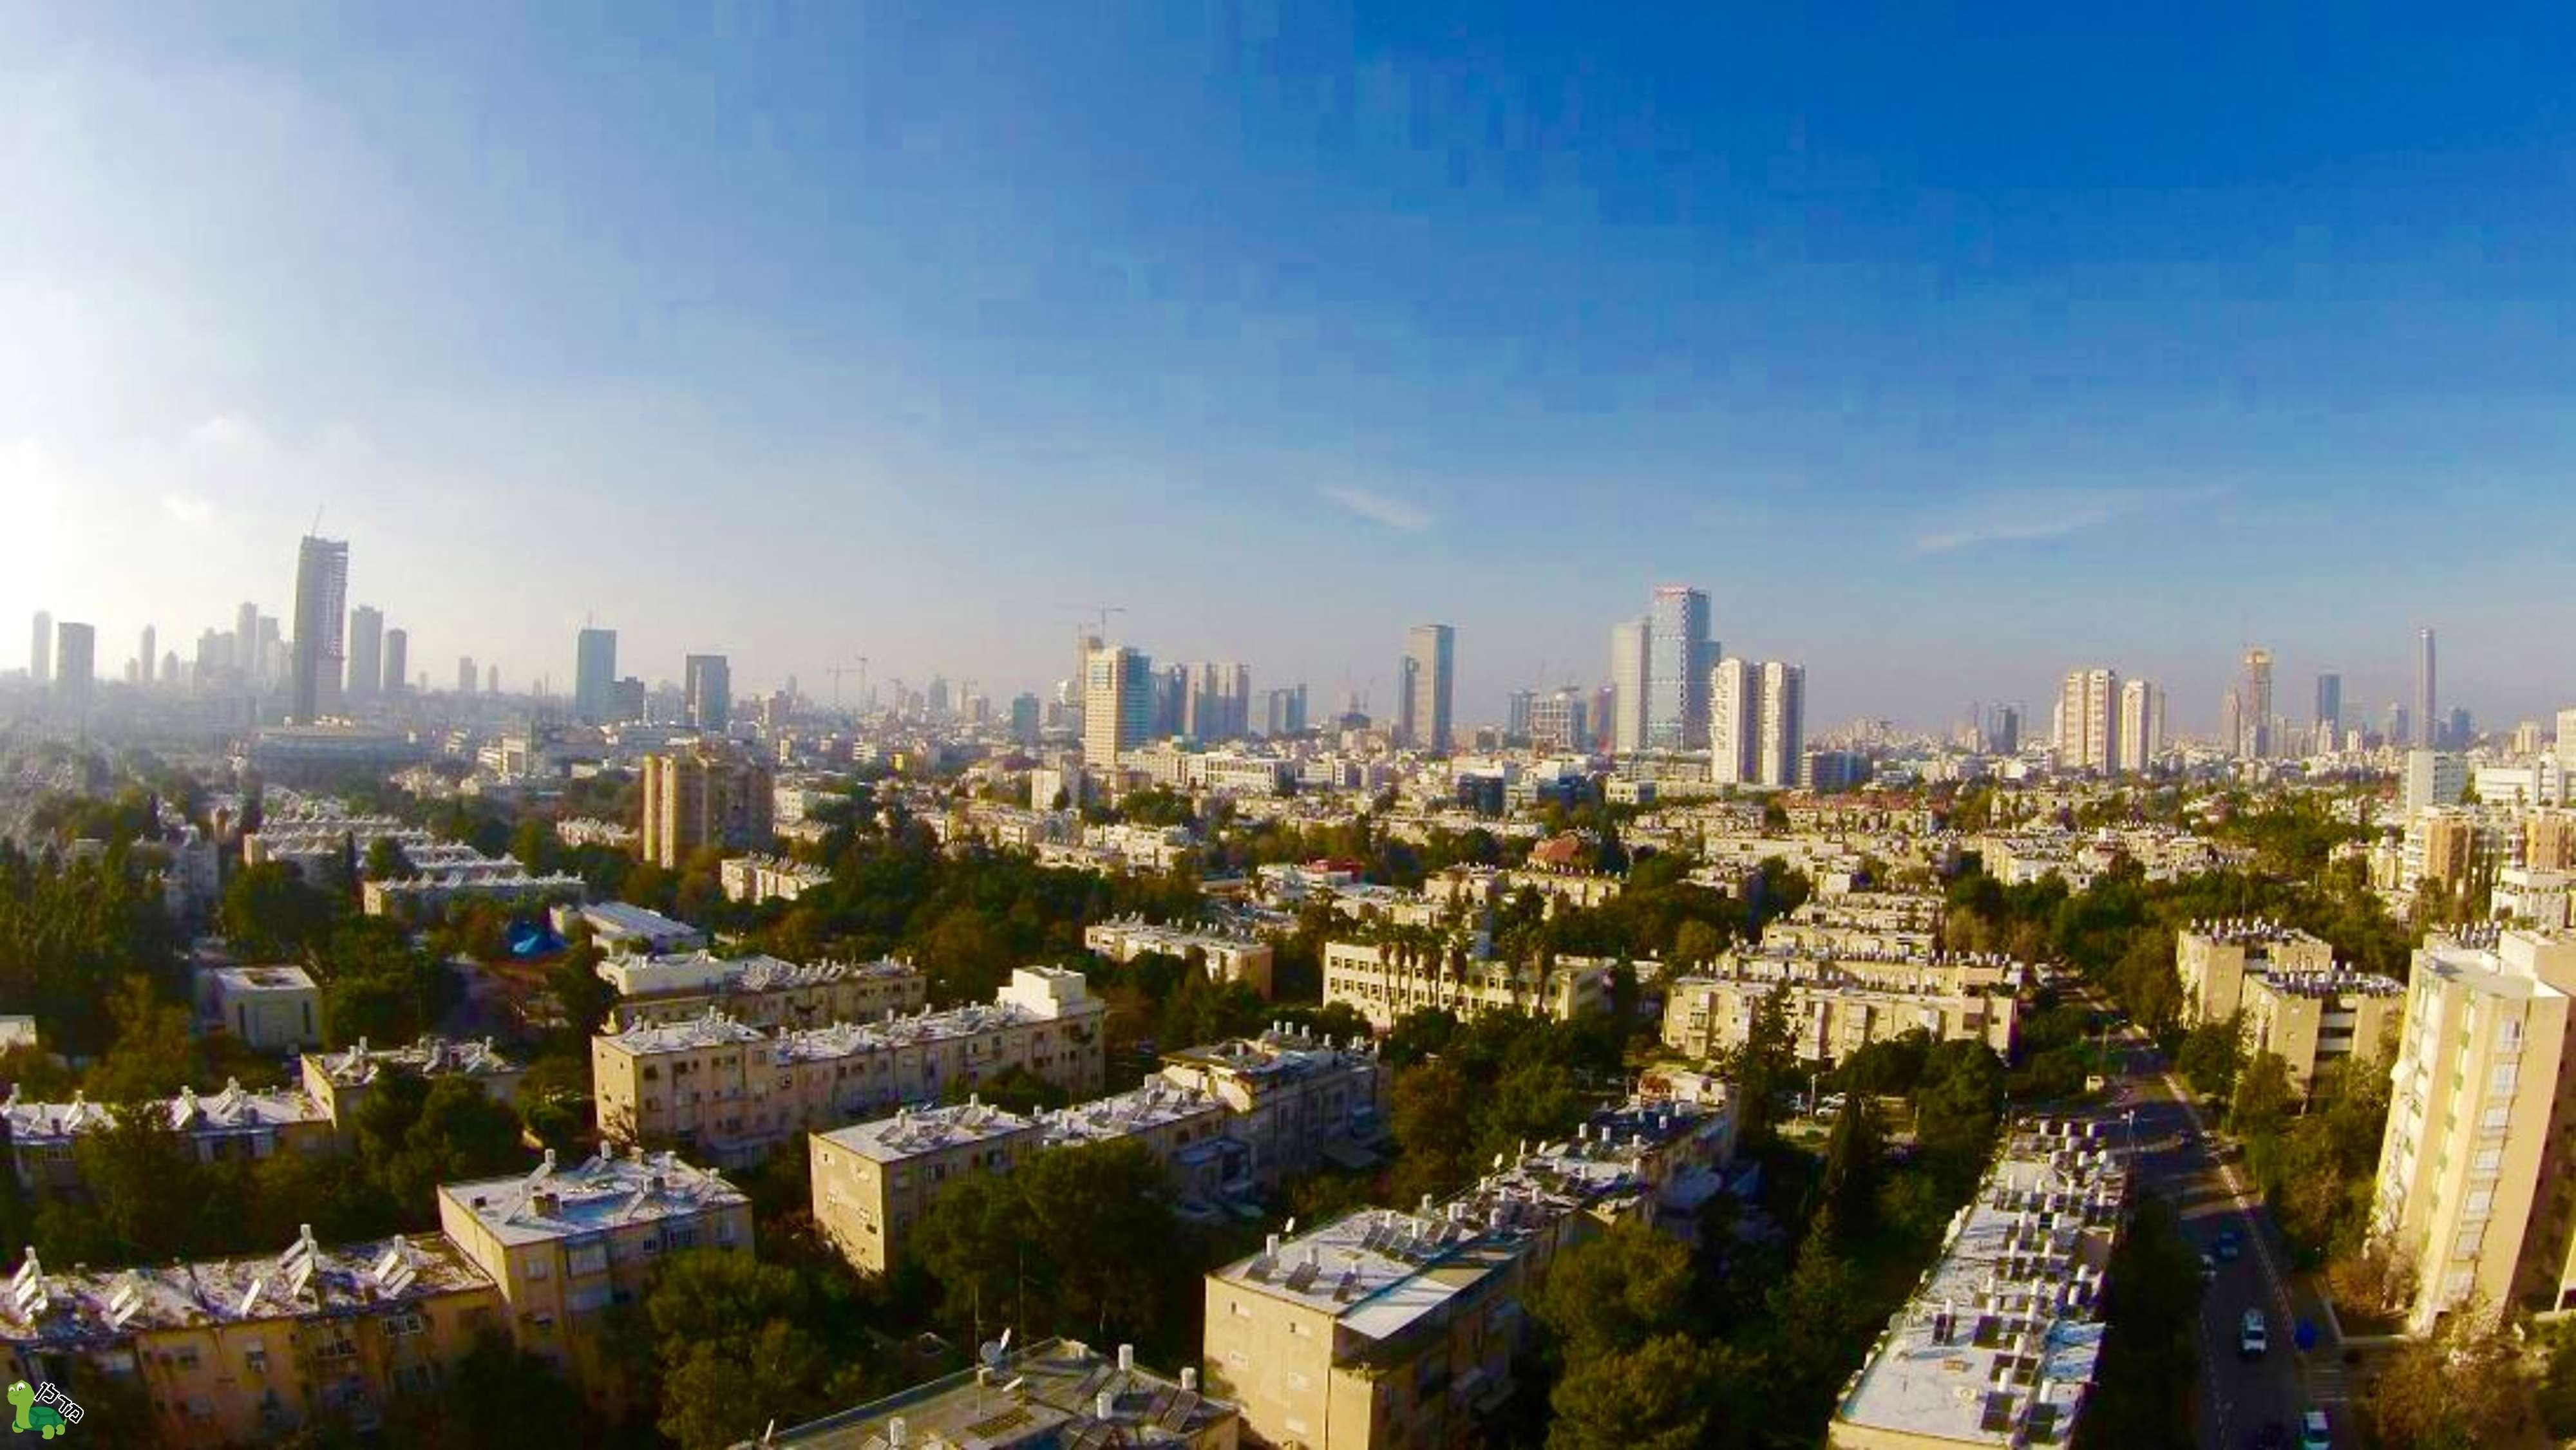 עדכון מעודכן דירה למכירה בלה גארדיה 68, תל אביב יפו YG-17